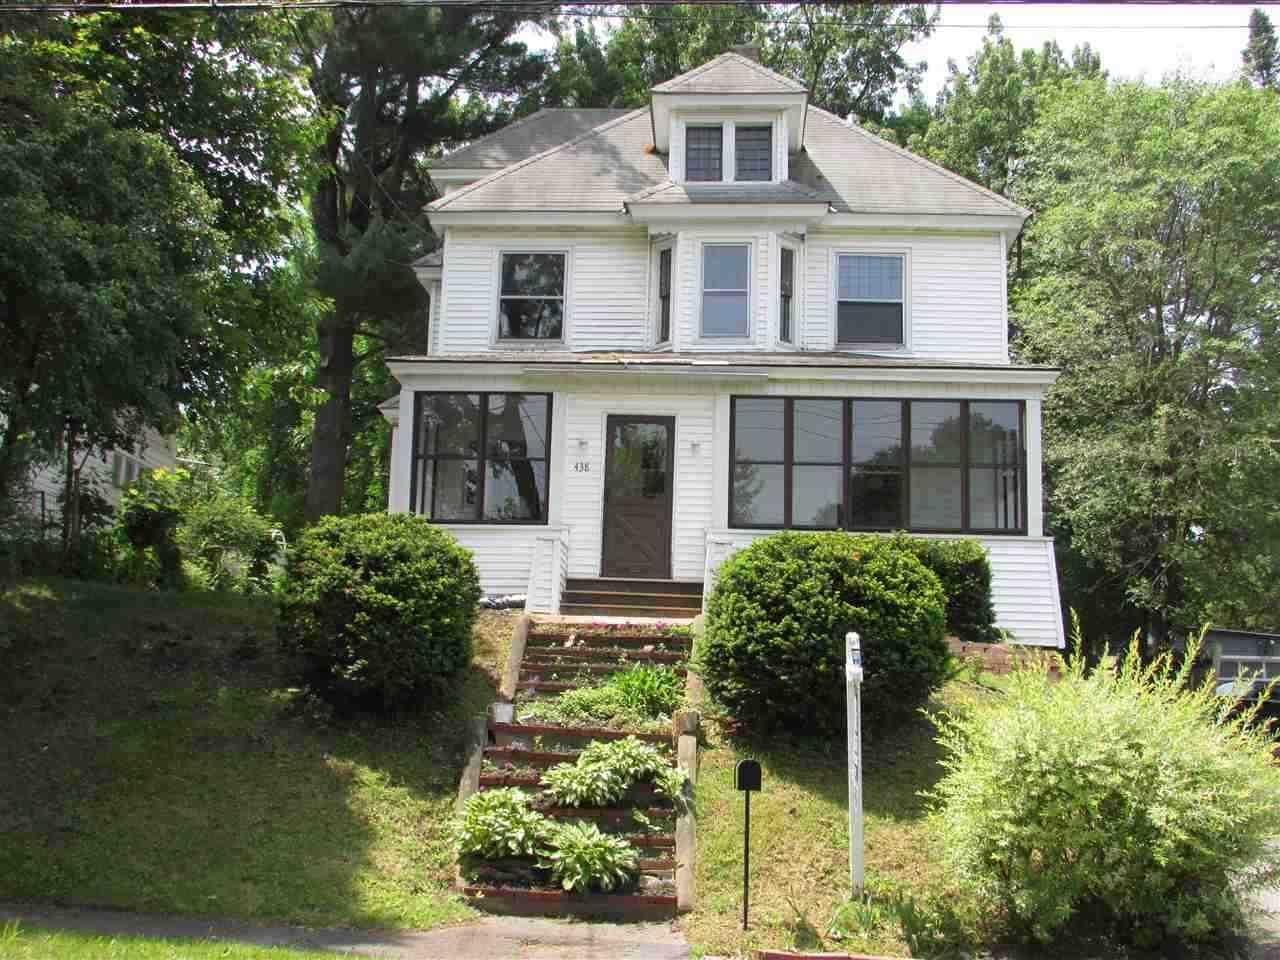 438 Anthony St, Schenectady, NY